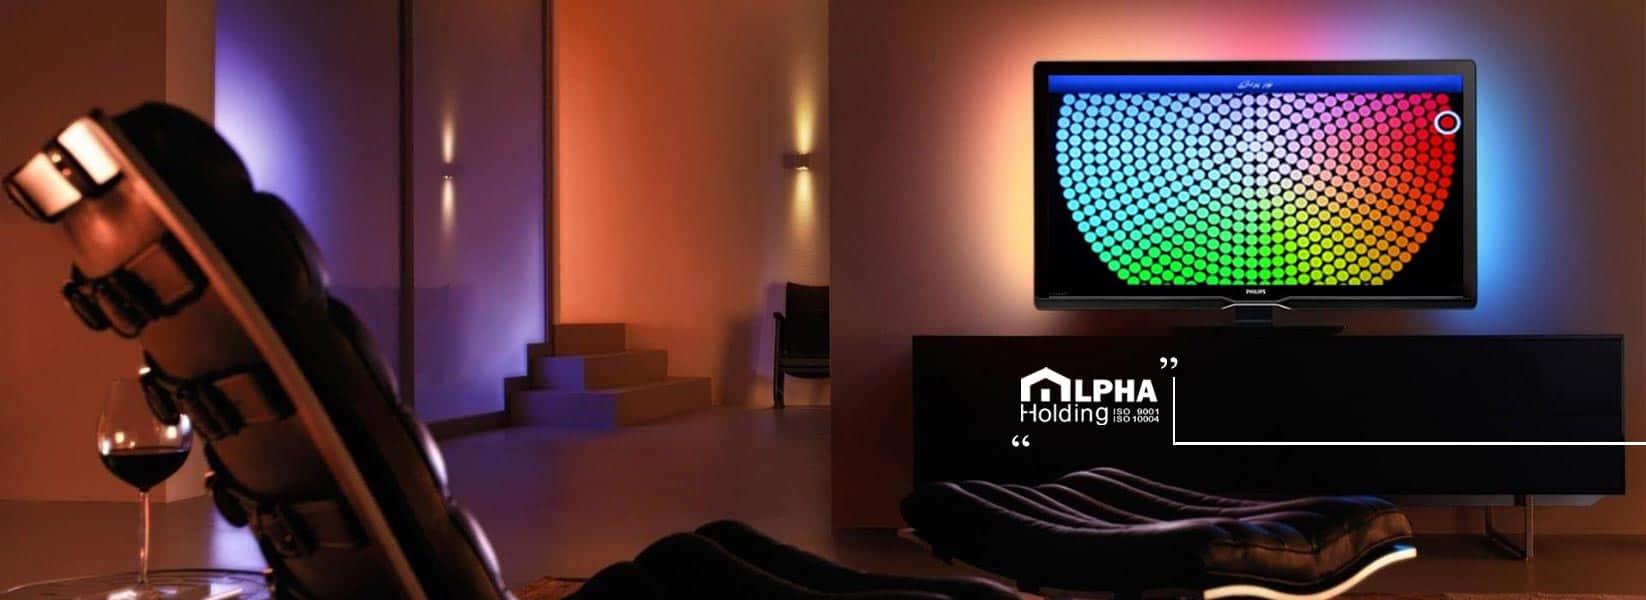 کنترلر تلویزیون در خانه هوشمند